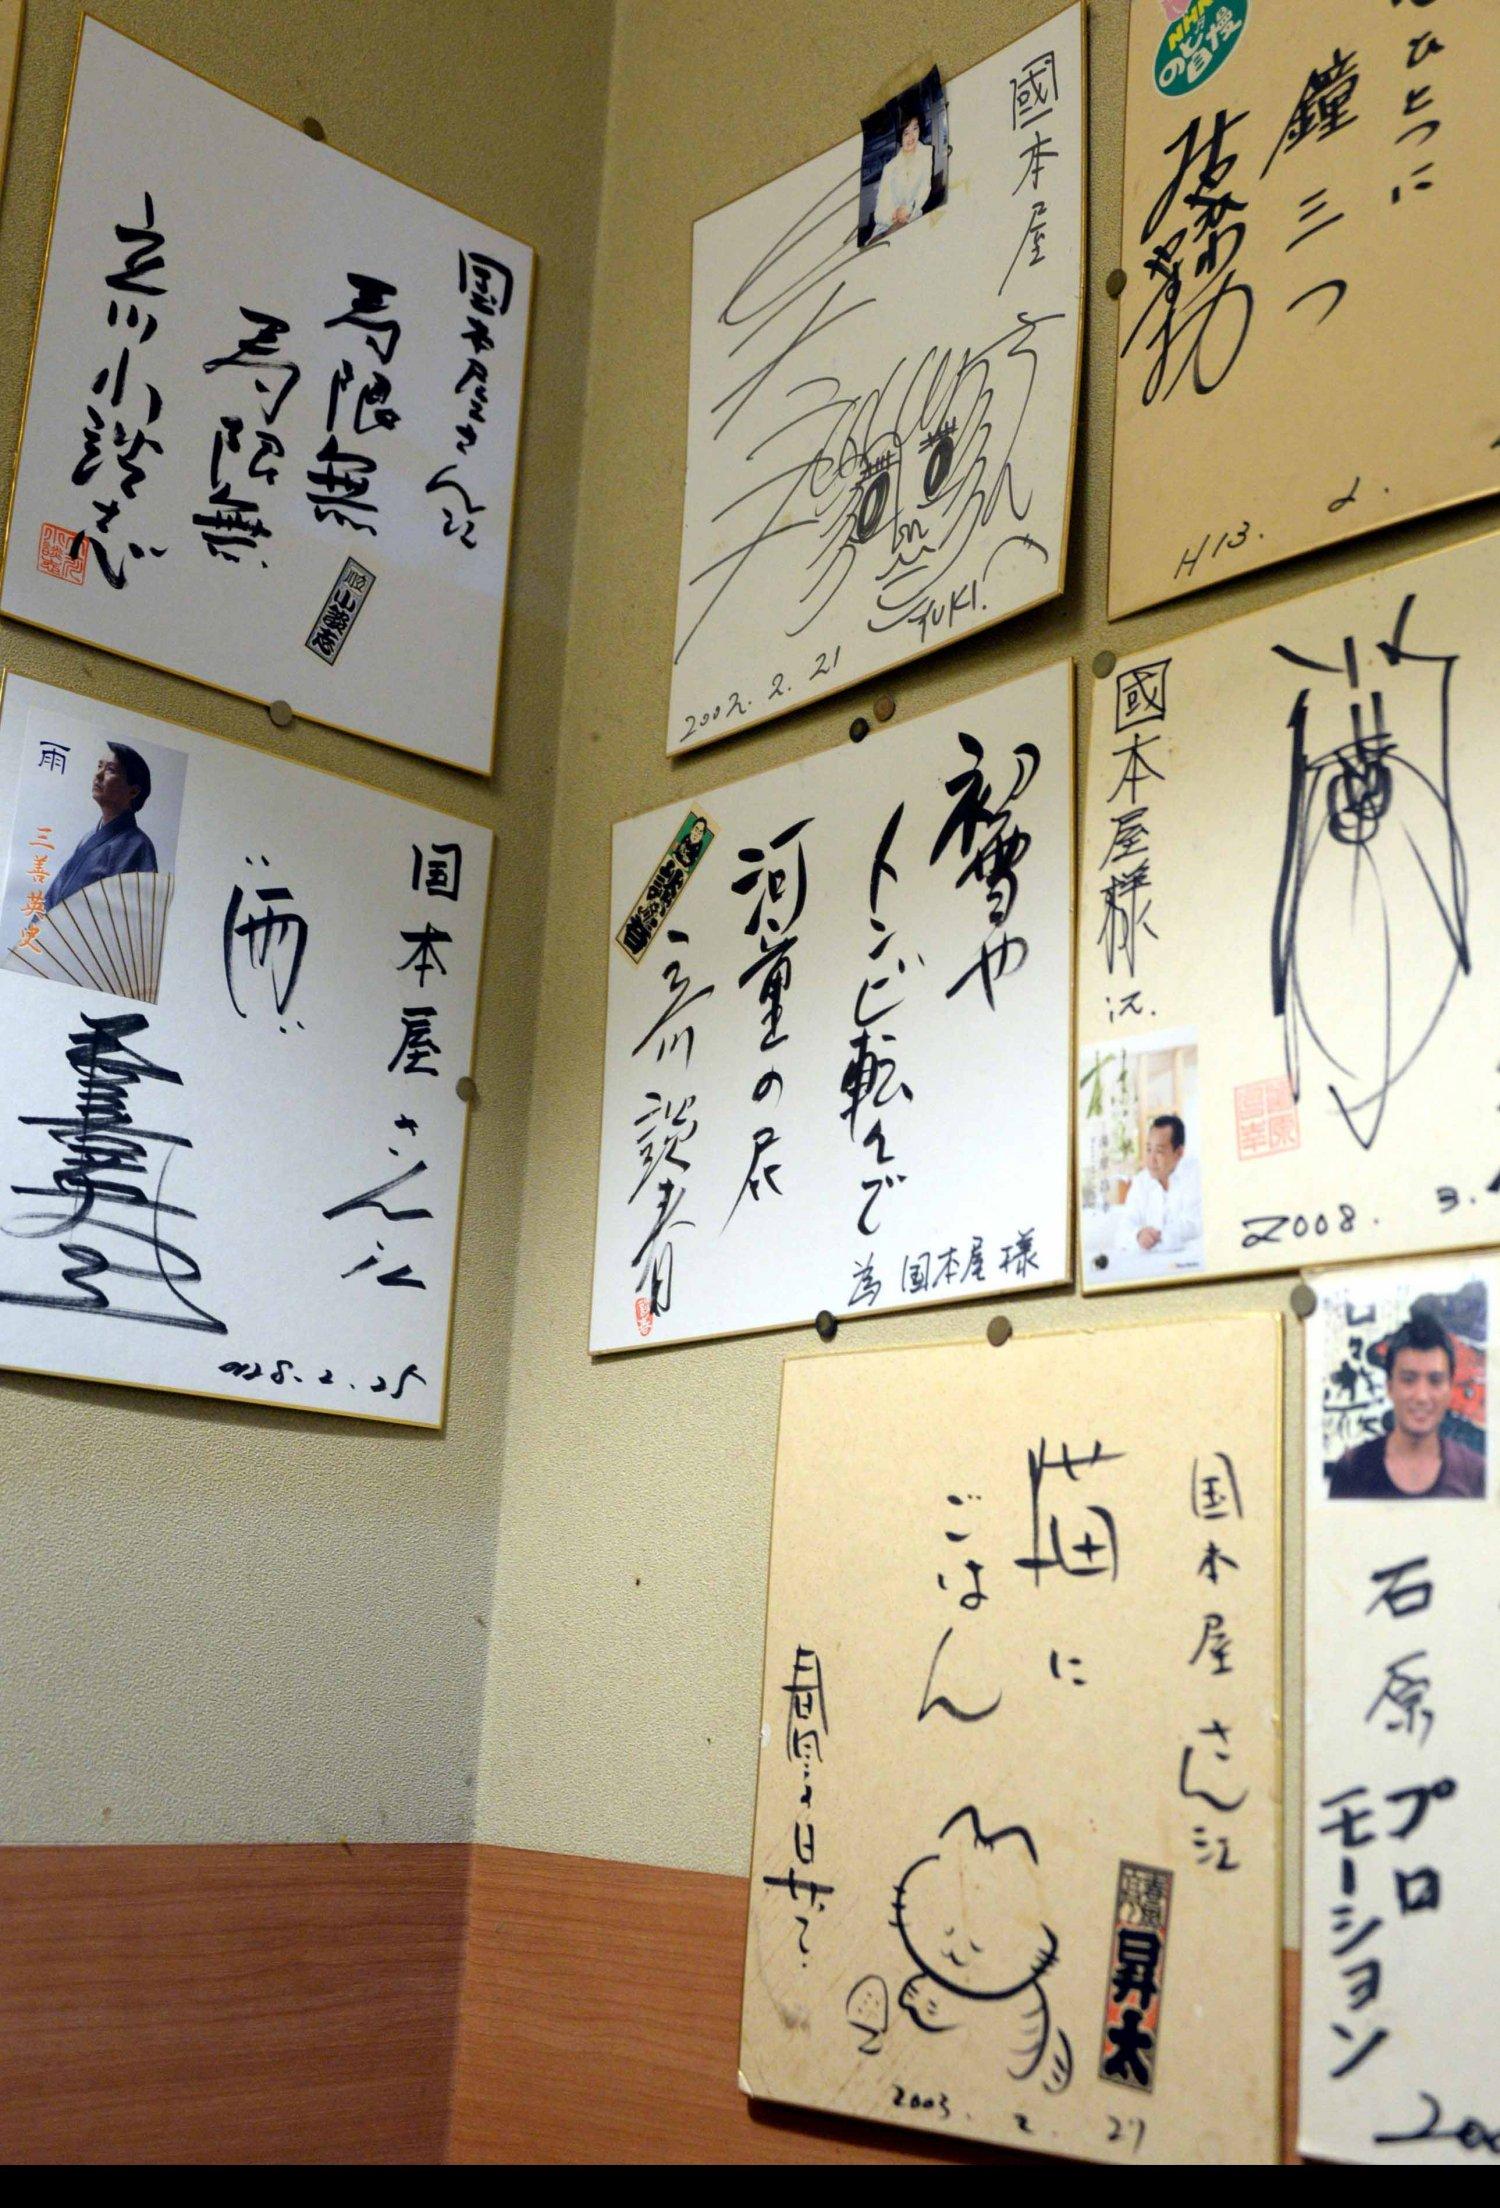 定期的に寄席が開かれる国本屋旅館の食堂に飾られた落語家の色紙。